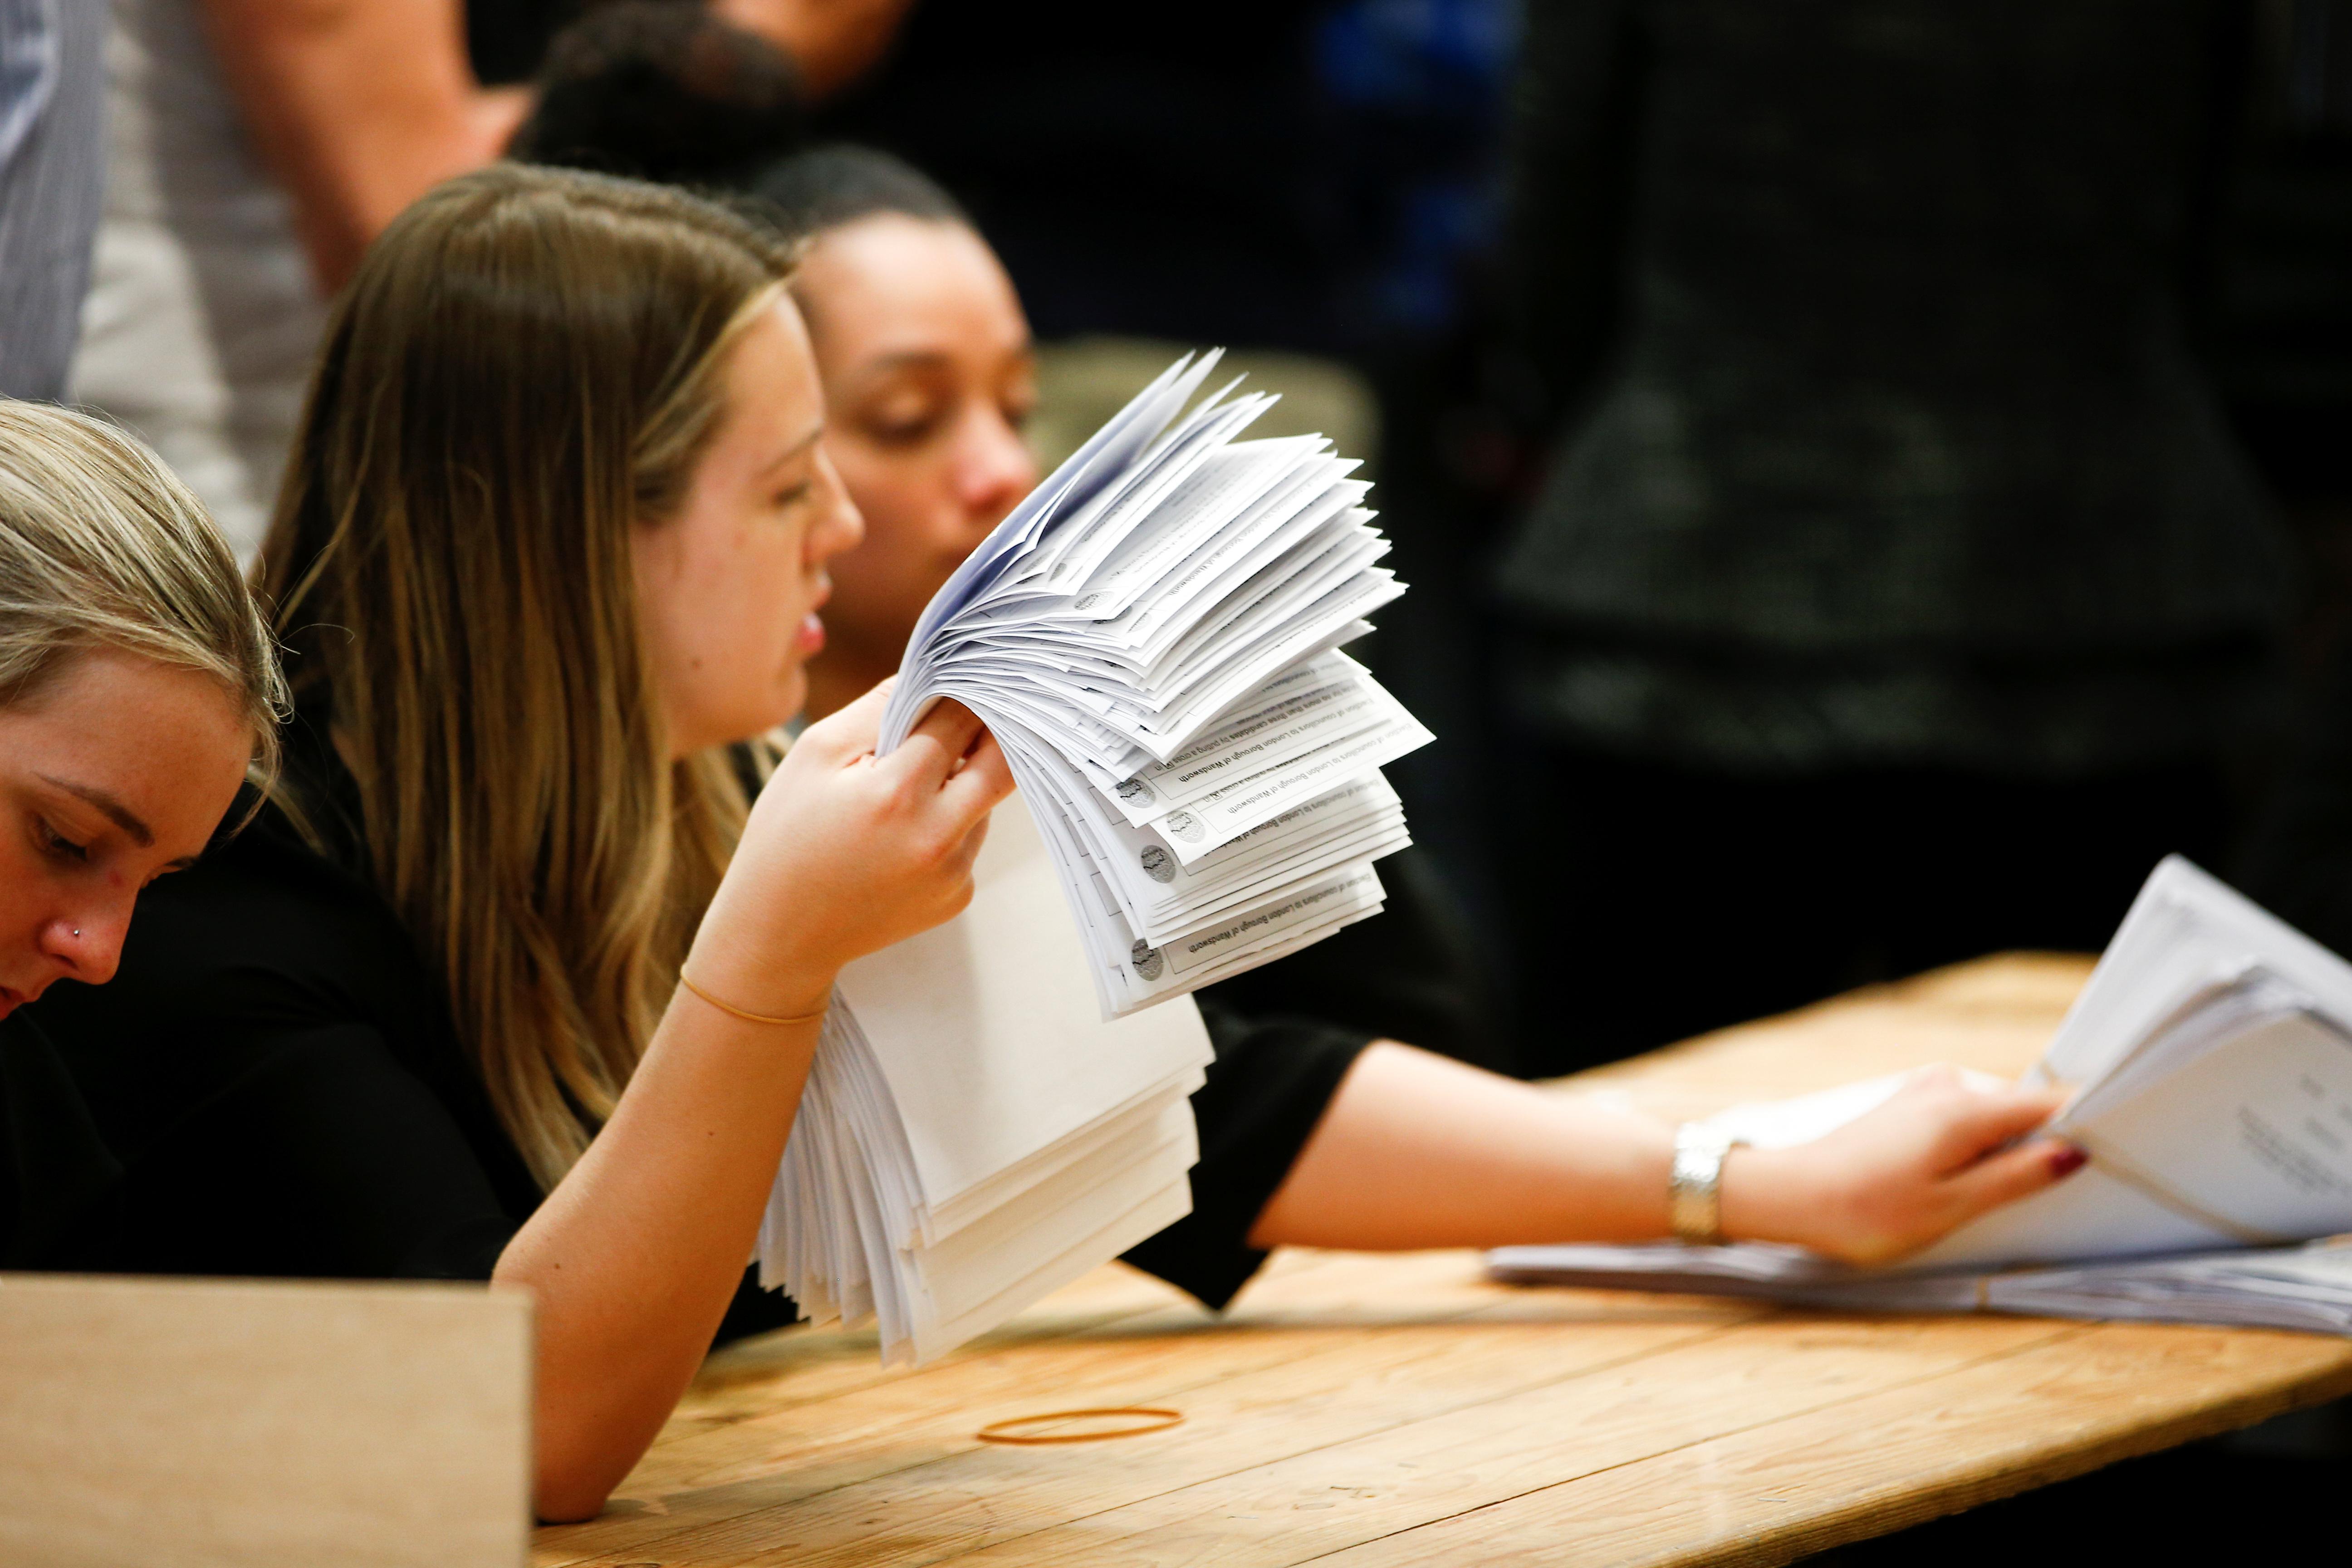 فرز الأصوات بعد غلق باب التصويت فى  الانتخابات المحلية بإنجلترا